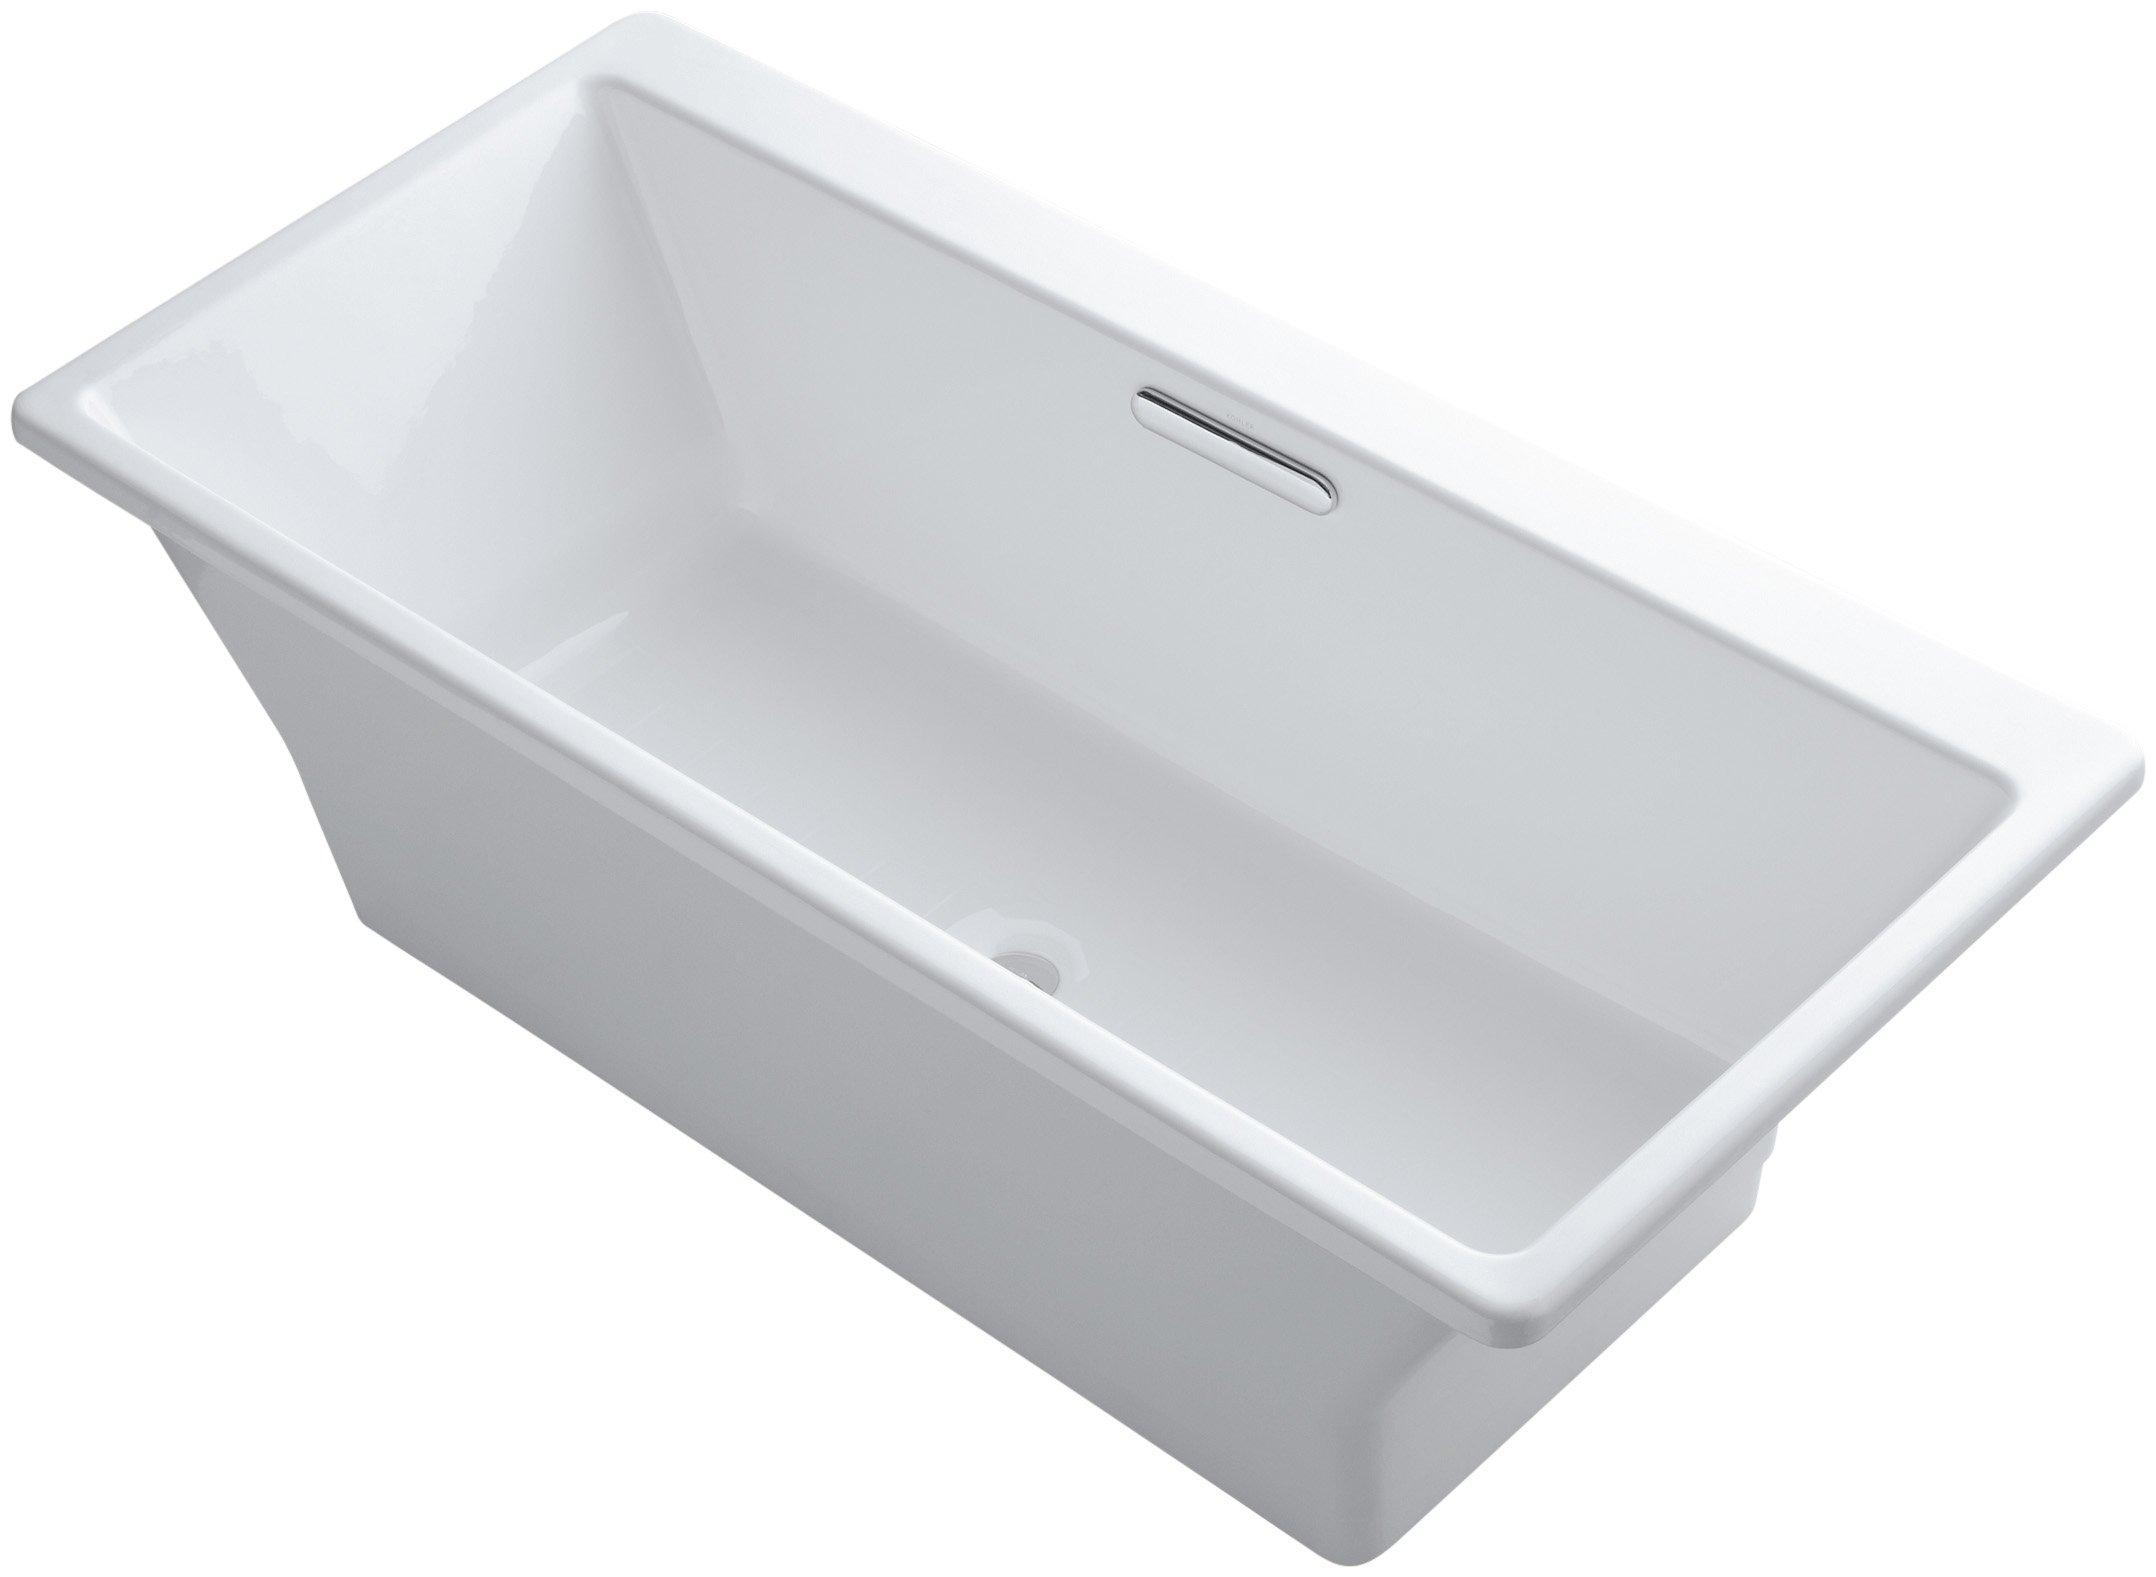 Kohler K-819-F62-0 Reve 5.5Ft Freestanding Bath with Brilliant Blanc Base, White by Kohler